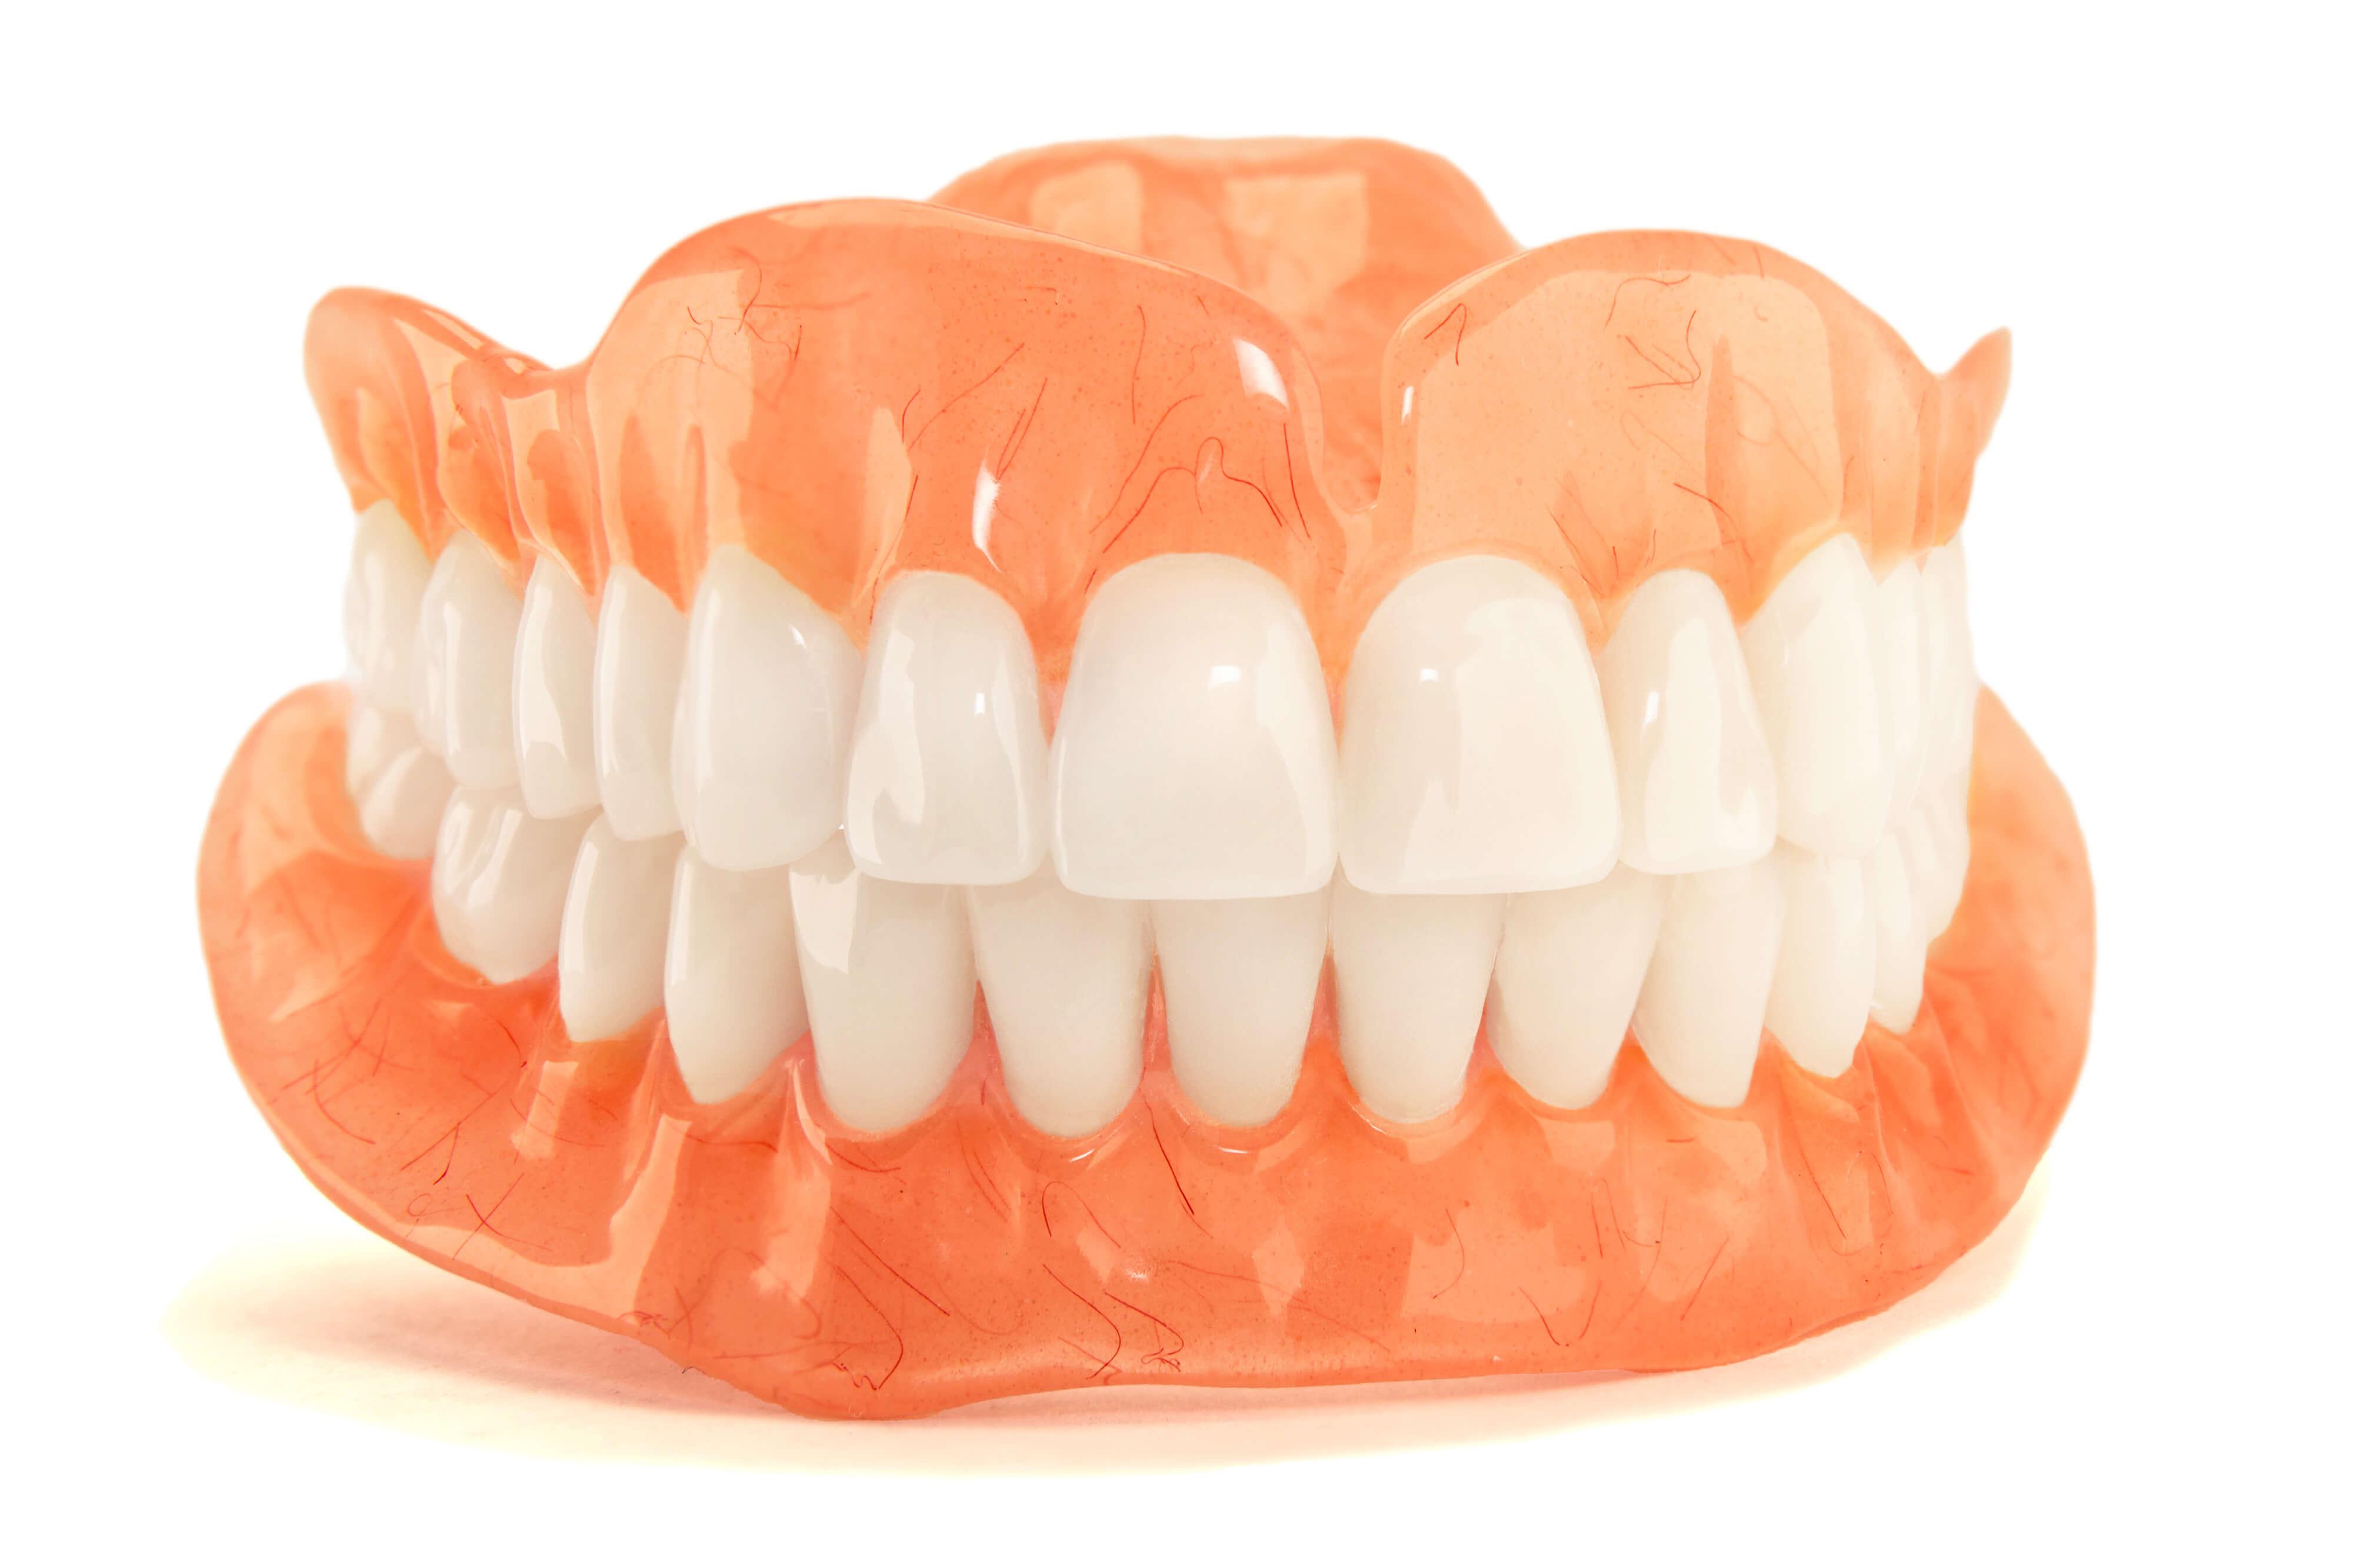 Что такое имплантация зуба и стоимость